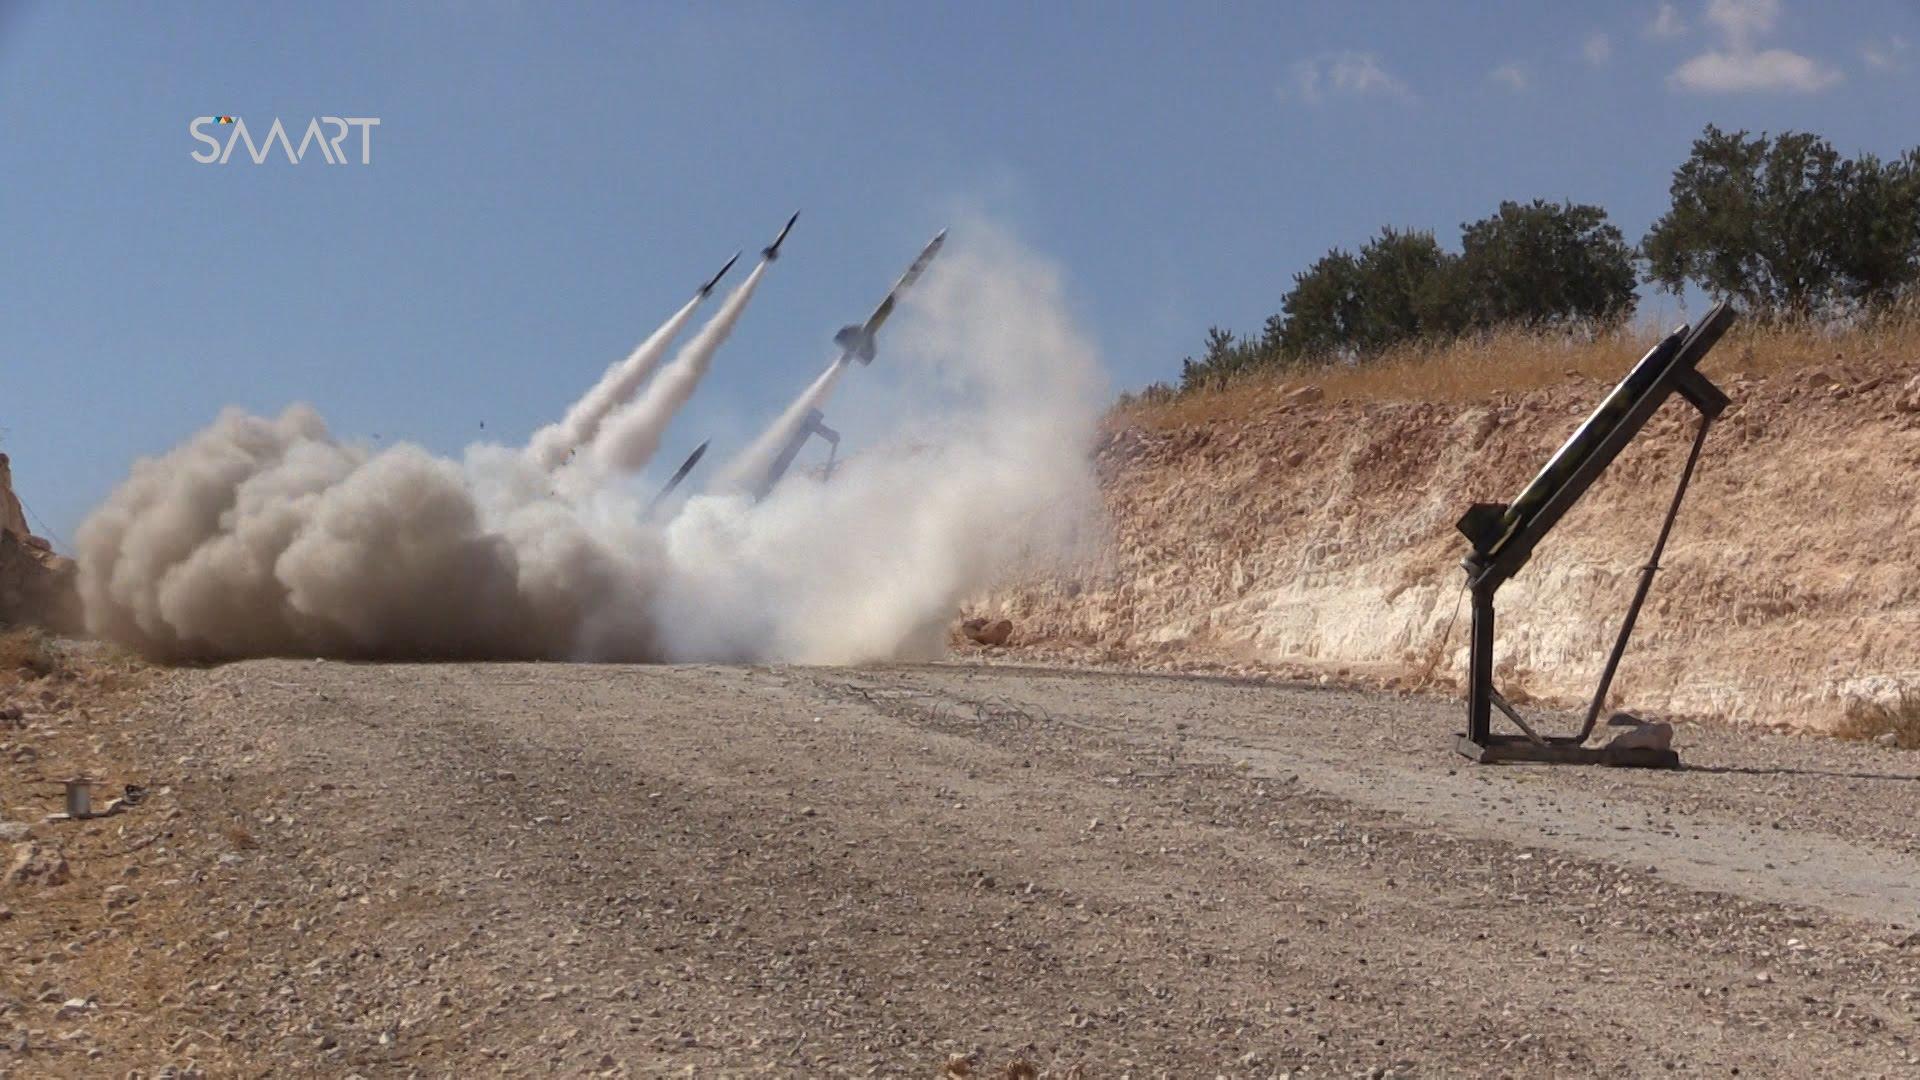 رداً على المجازر.. الثوار يستهدفون مواقع قوات الأسد بمختلف أنواع الأسلحة